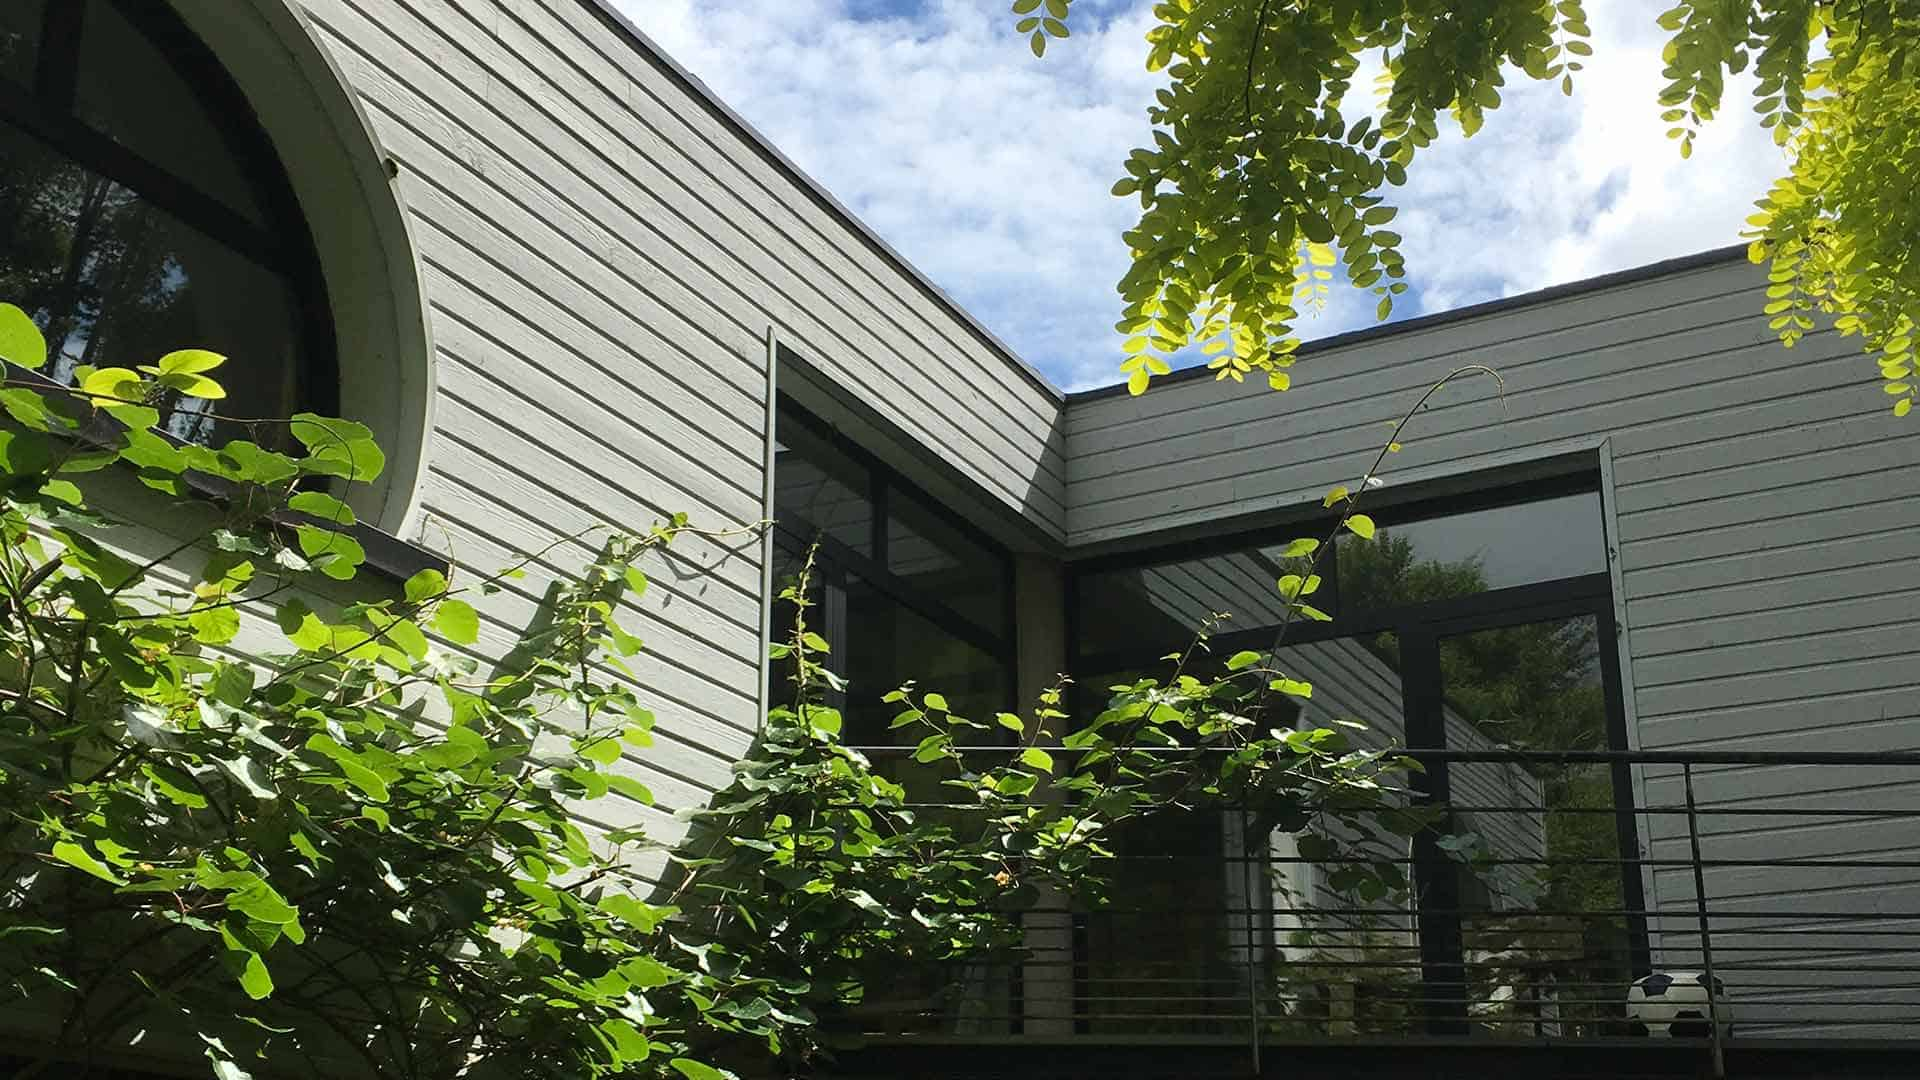 Cette maison comprend une partie ancienne datant du 20ème siècle et une partie moderne de 1991. Le projet d'extension ses situe dans le prolongement de la partie moderne de la maison et s'intègre parfaitement à l'environnement existant. La pièce de vie a été agrandie de 20m2 et un abri à vélos fermés a été créé entièrement. Le toit de cette extension est aménagé en terrasse vitrée contemporaine. Elle est accessible à la fois par la chambre à coucher et par un escalier extérieur en métal réalisé sur-mesure. Le choix de larges menuiseries et baies vitrées apporte de la luminosité dans ce nouvel espace.